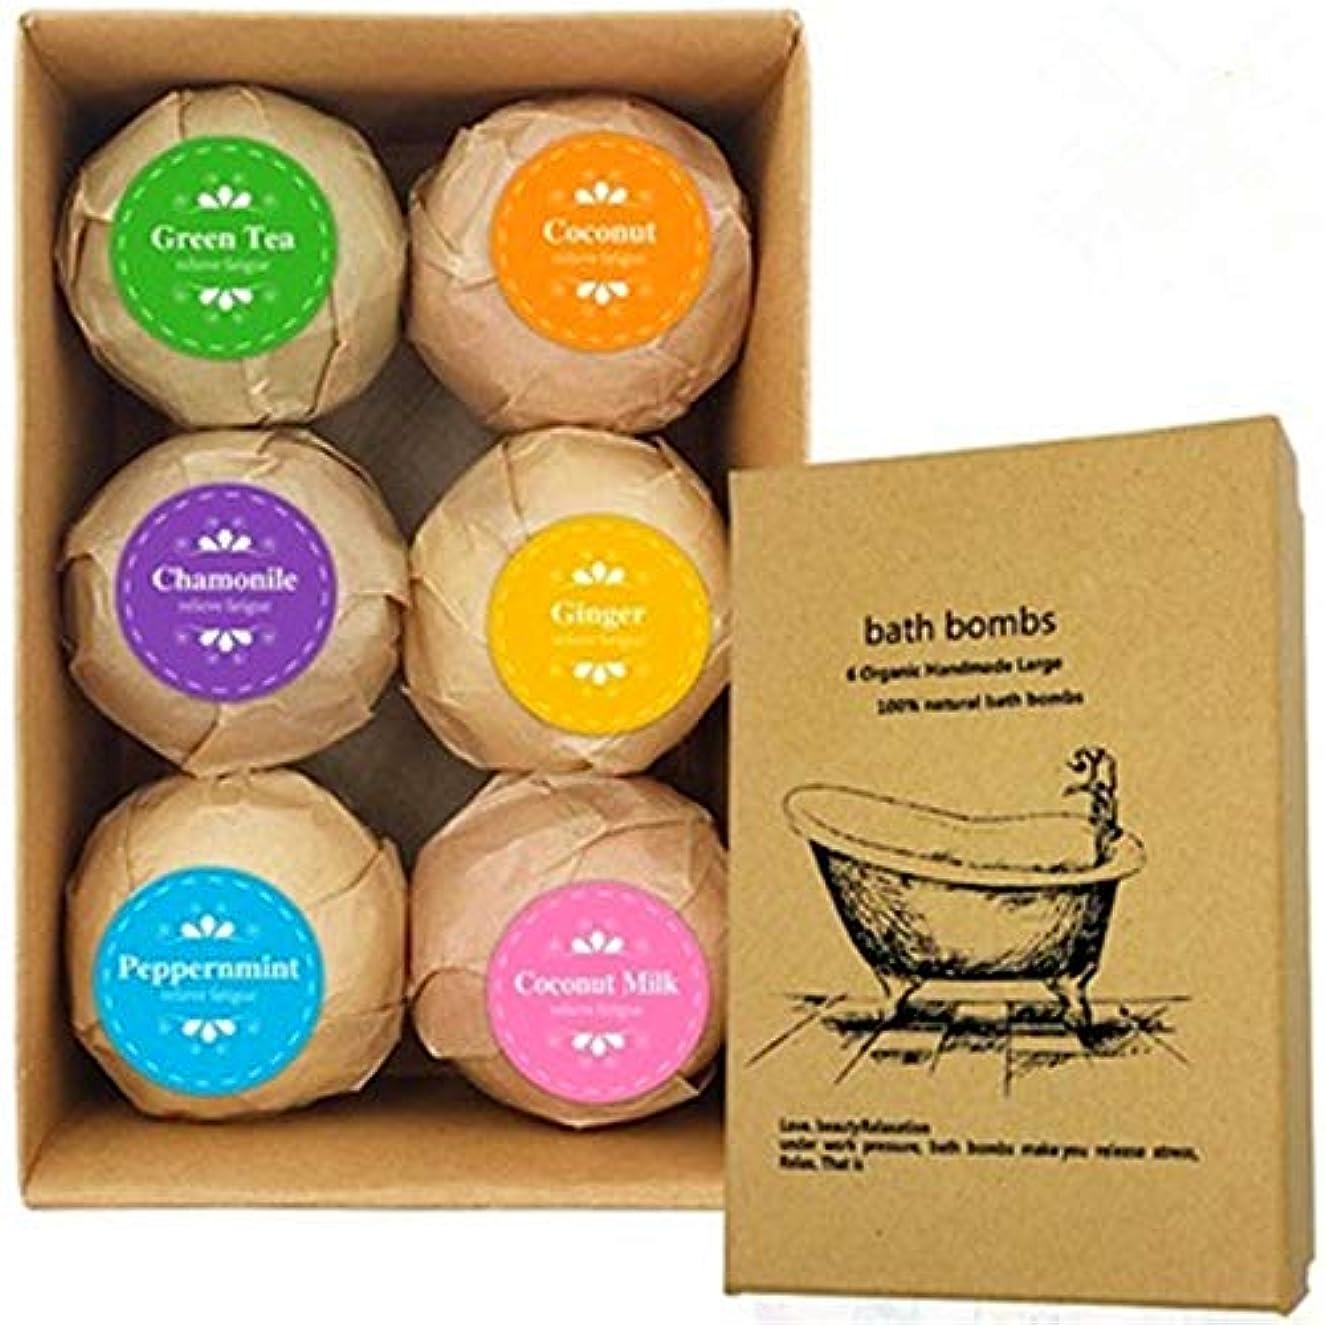 恥ずかしさ体細胞アンソロジーバスボム 入浴剤 炭酸 バスボール 6つの香り 手作り 入浴料 うるおいプラス お風呂用 入浴剤 ギフトセット6枚 プレゼント最適